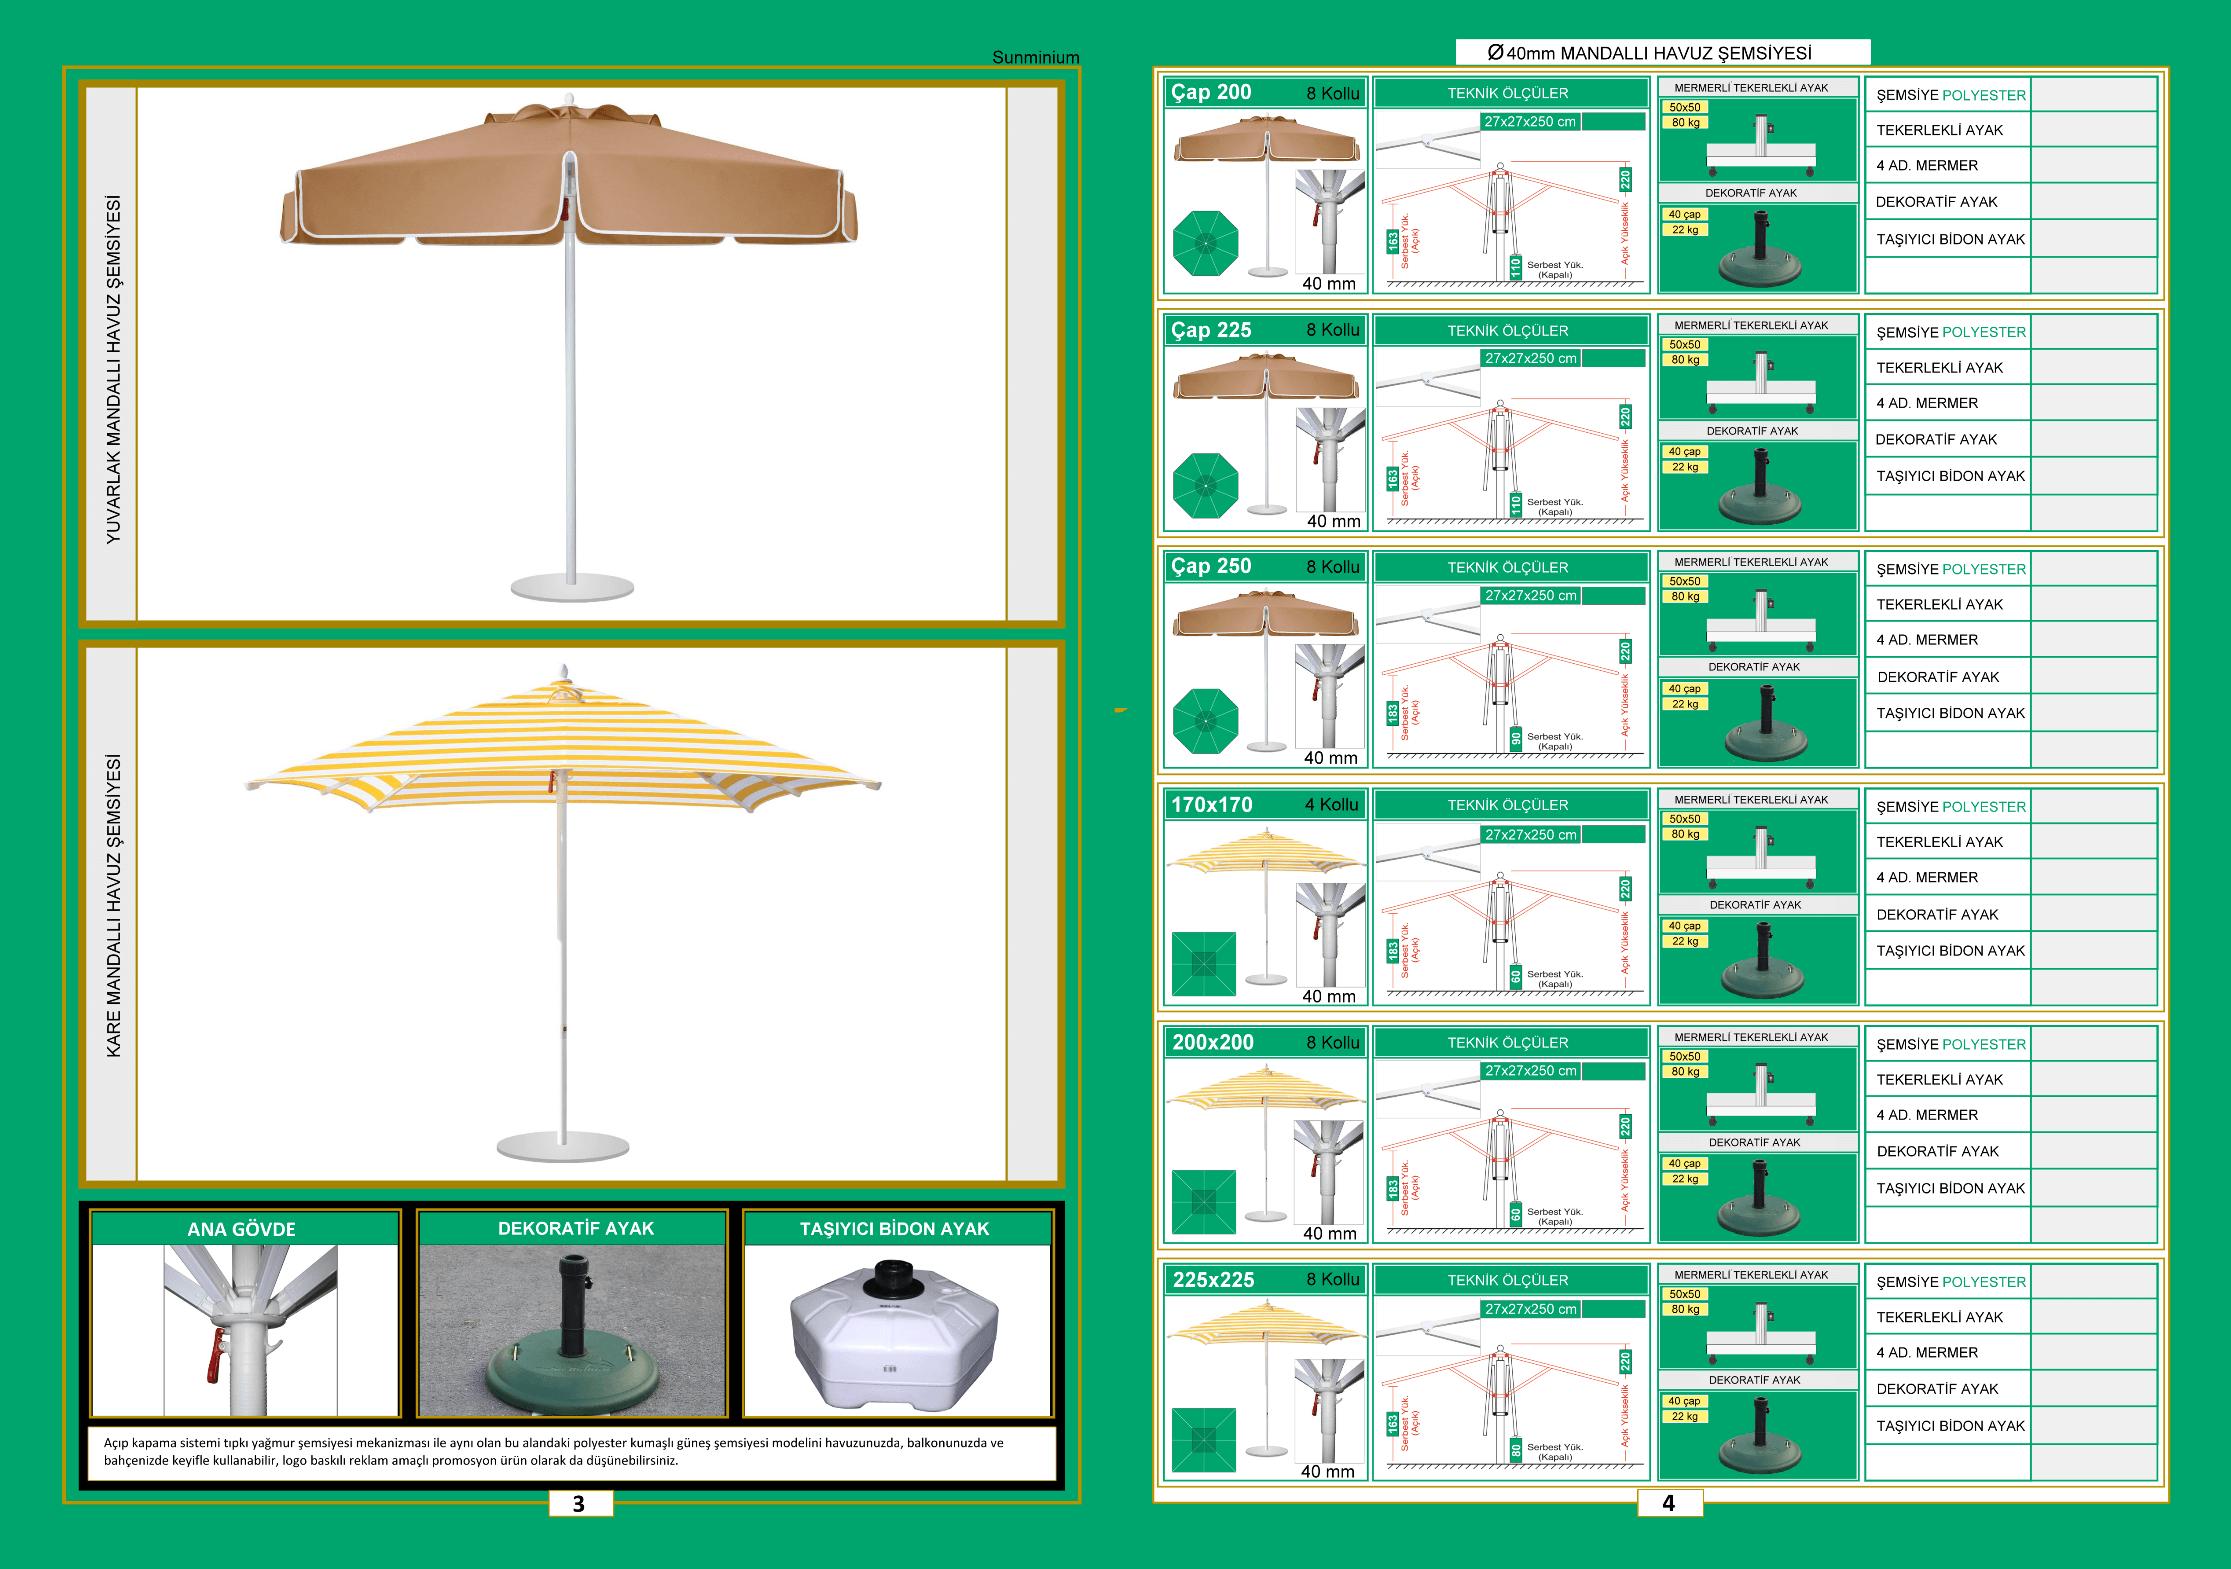 40 mm havuz şemsiyesi